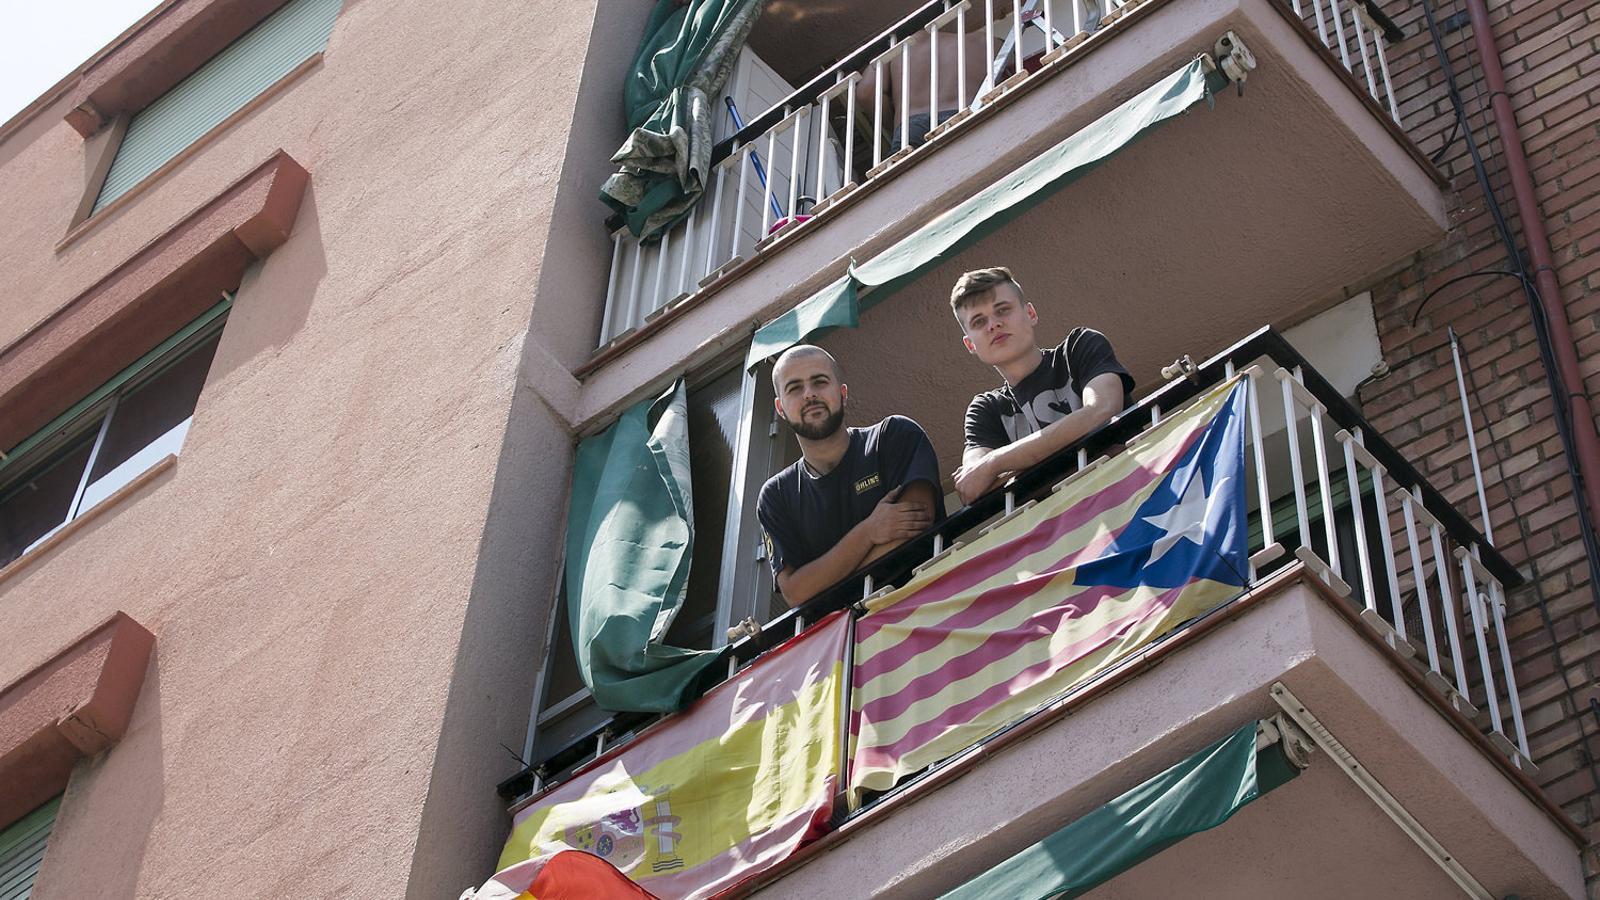 Els companys de pis Èrik i David al balcó de Badalona on tenen penjada una estelada i una bandera espanyola. / CRISTINA CALDERER